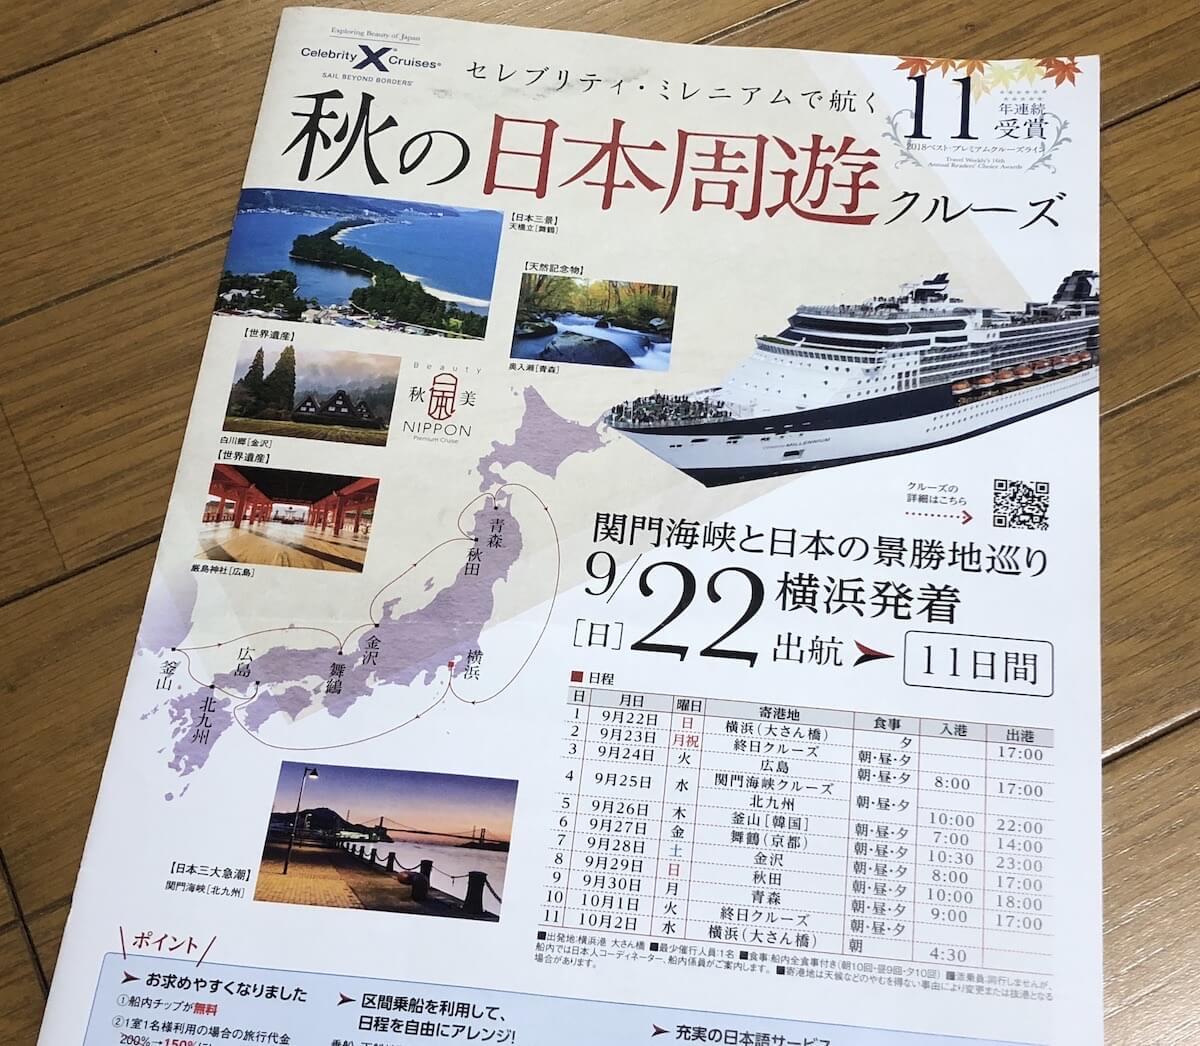 2019年 セレブリティミレニアム 日本周遊クルーズ